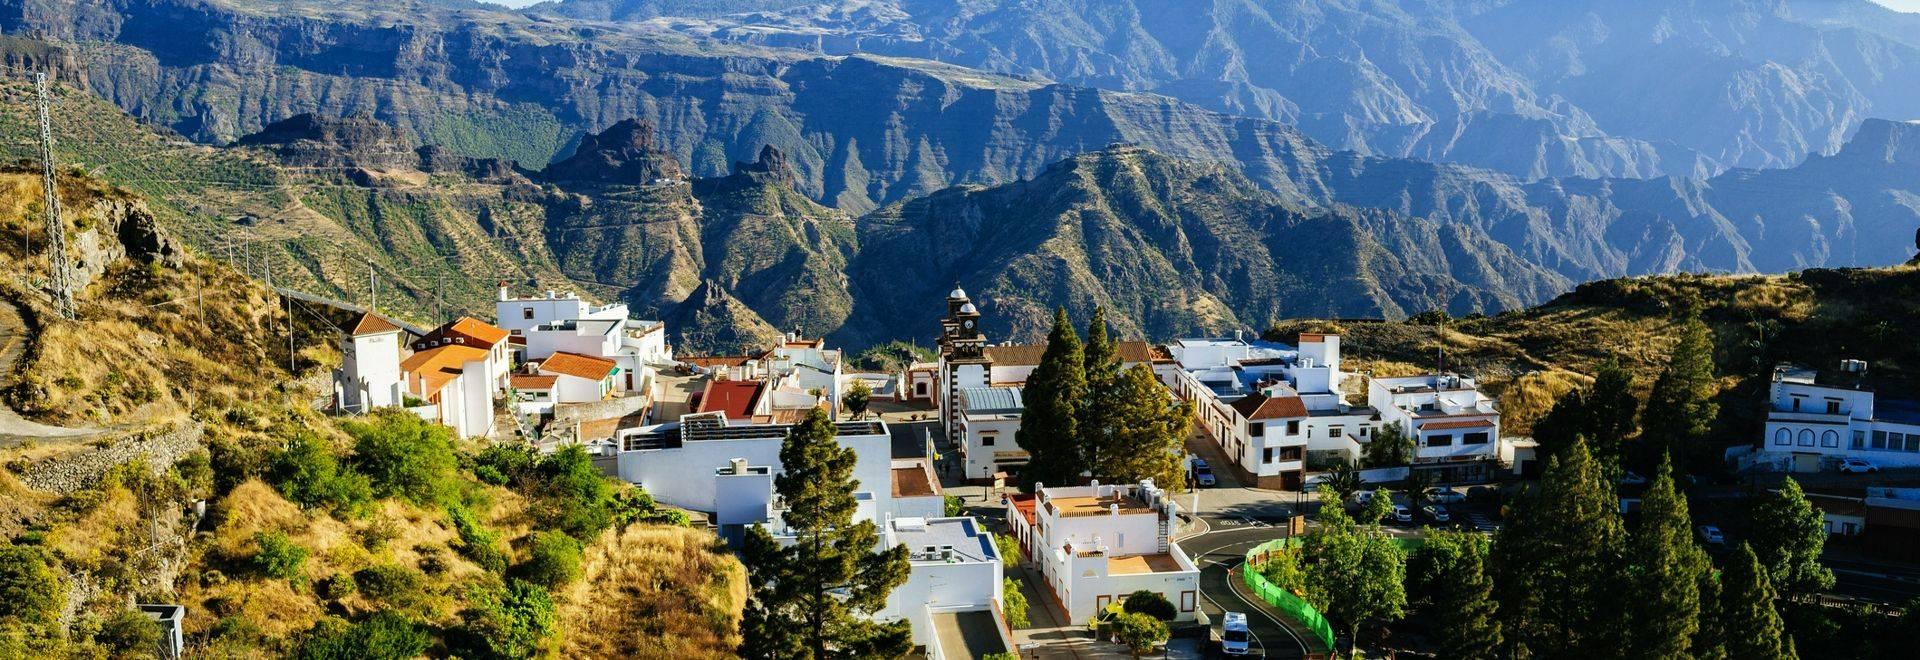 GettyImages-1042702018 Gran Canaria, Artenara.jpg